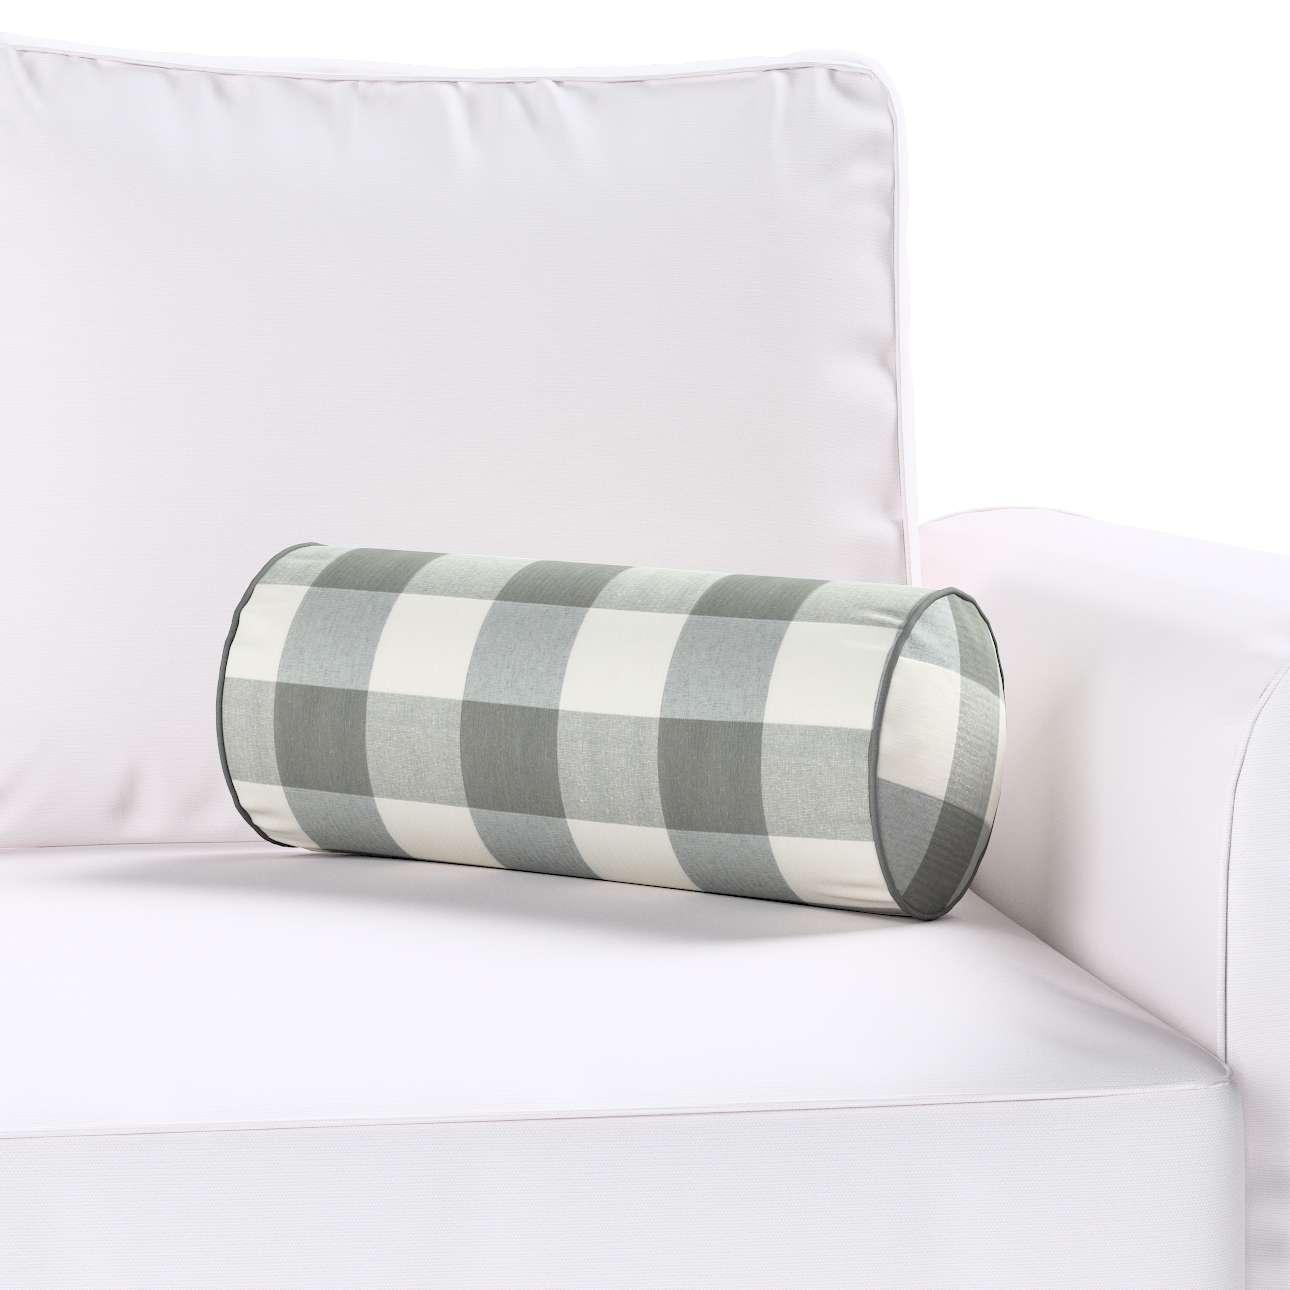 Poduszka wałek prosty Ø 16 x 40 cm w kolekcji Quadro, tkanina: 136-13